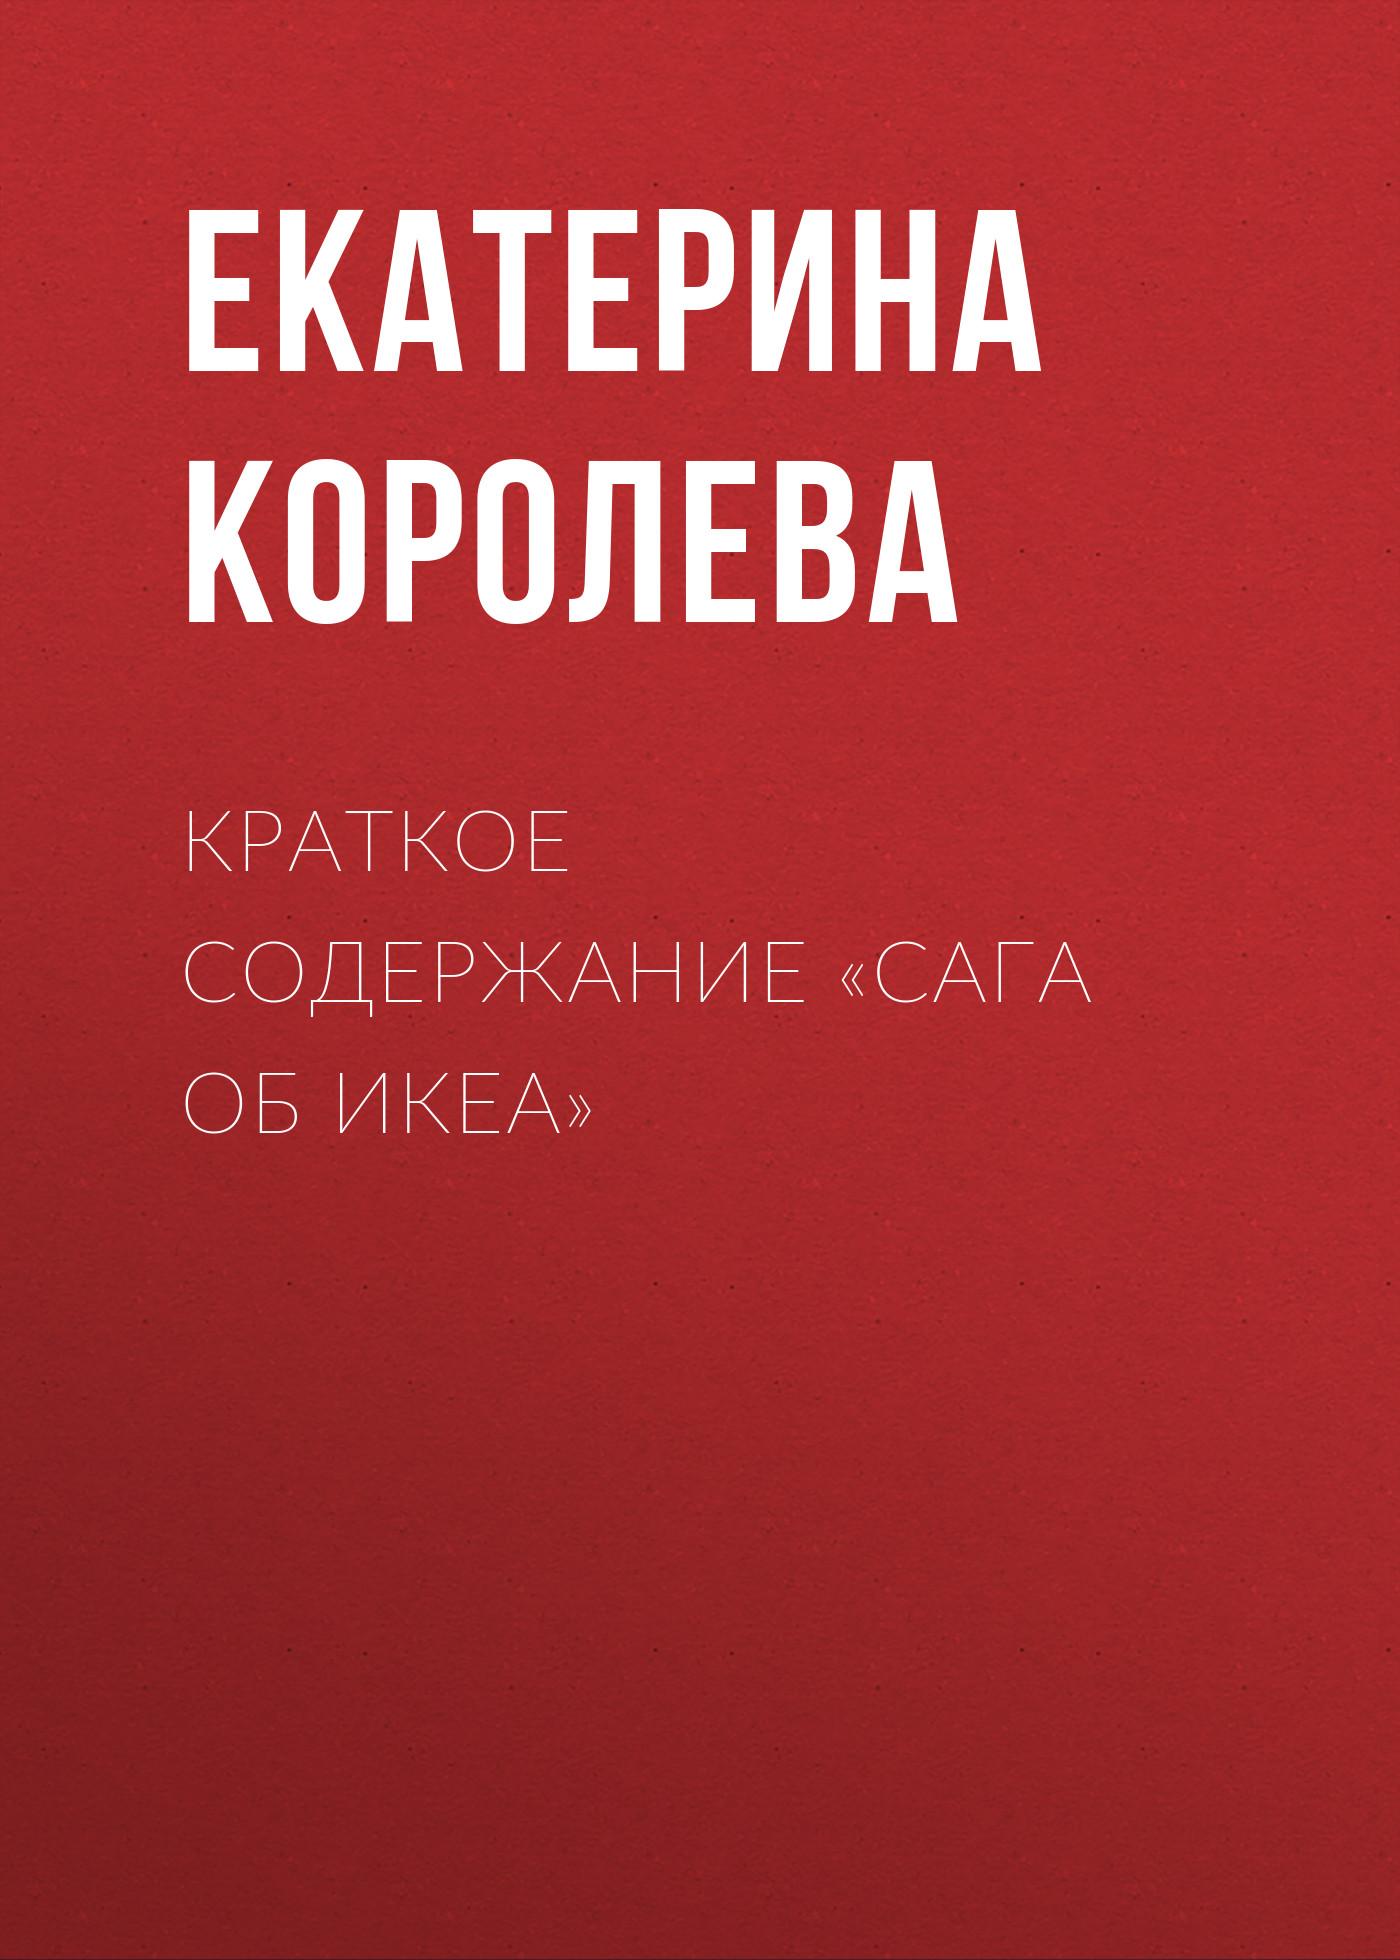 Екатерина Королева Краткое содержание «Сага об ИКЕА» цена